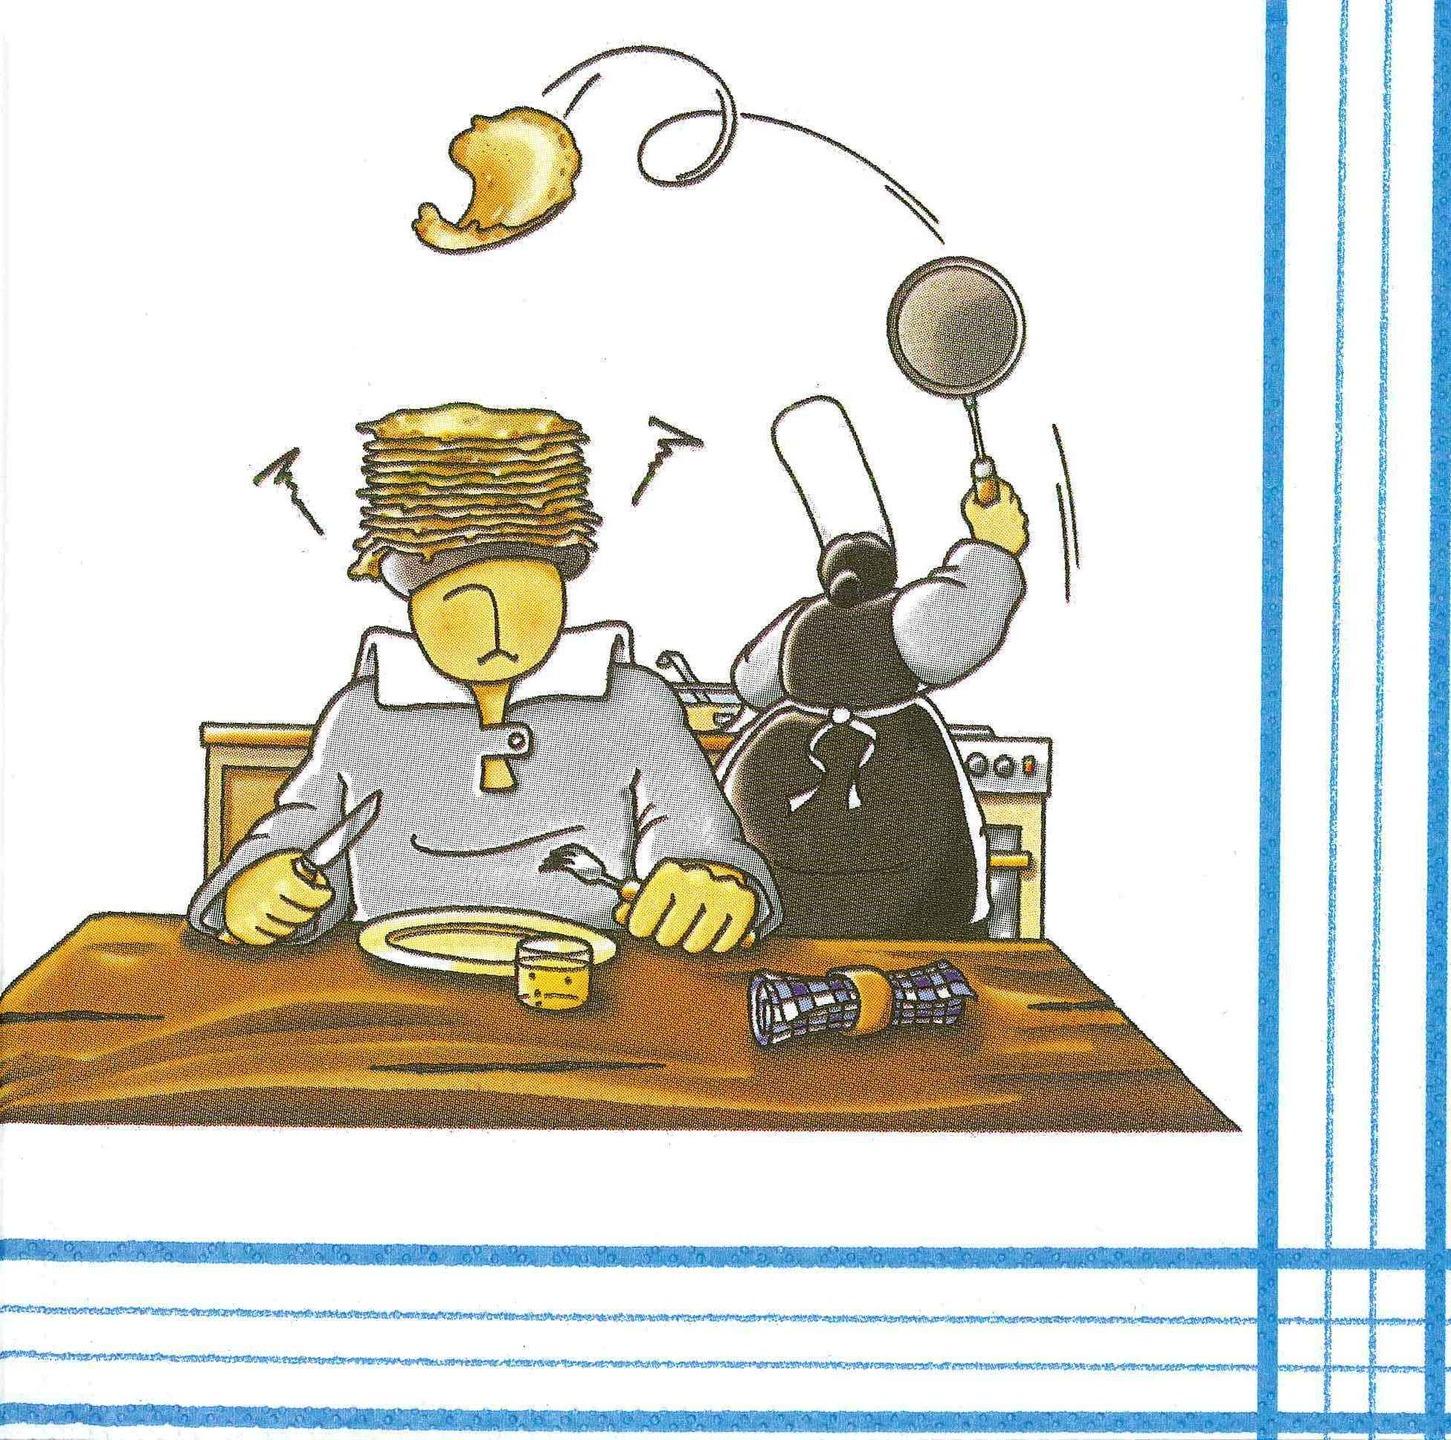 242756-serviette-mam-goudig-fait-des-crepes-bon-appetit-1.jpg?1551975192